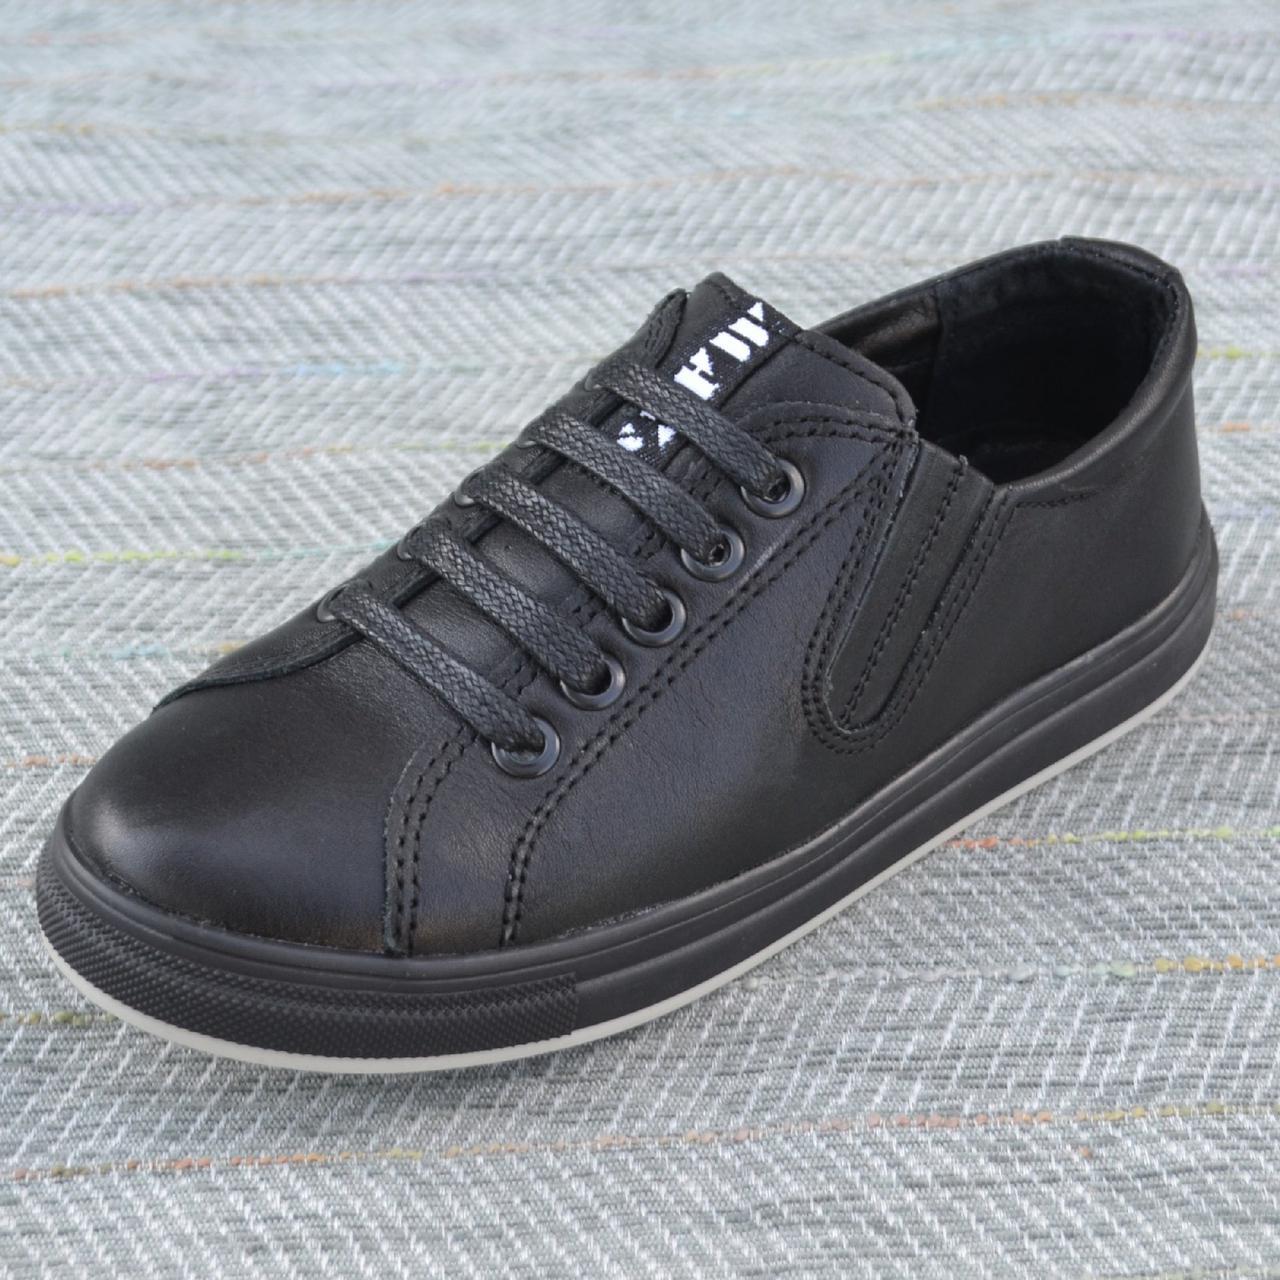 Туфли на резинках, Maxus размер 35